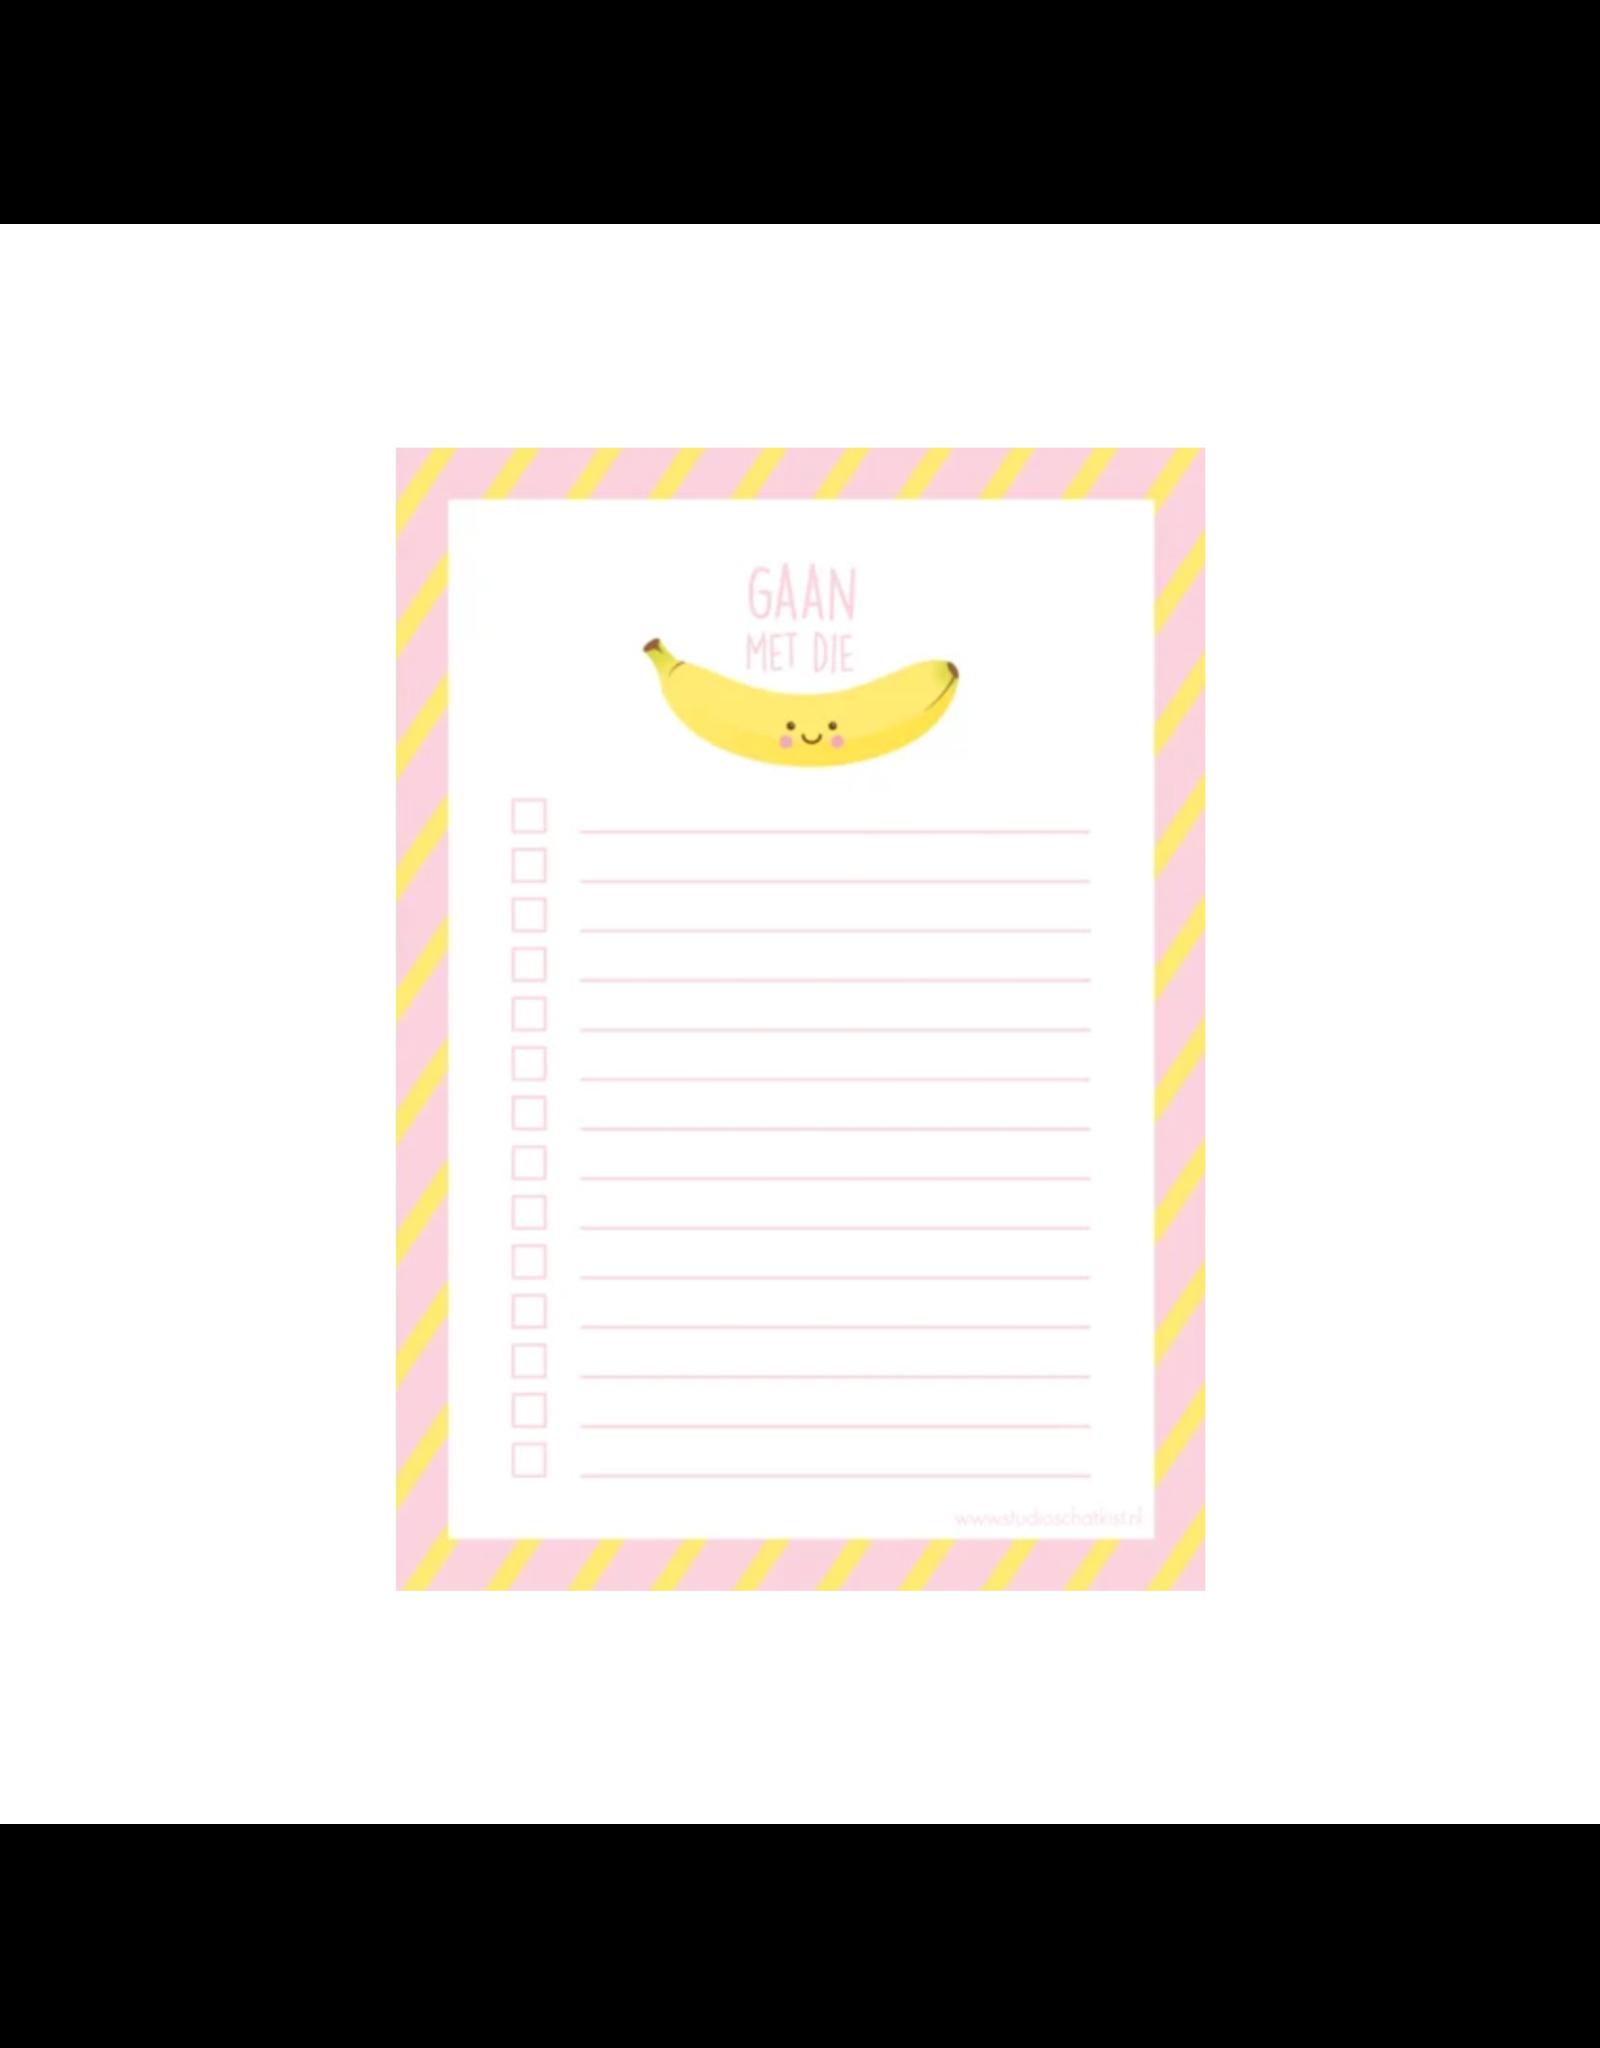 Notablokje A6 gaan met die banaan